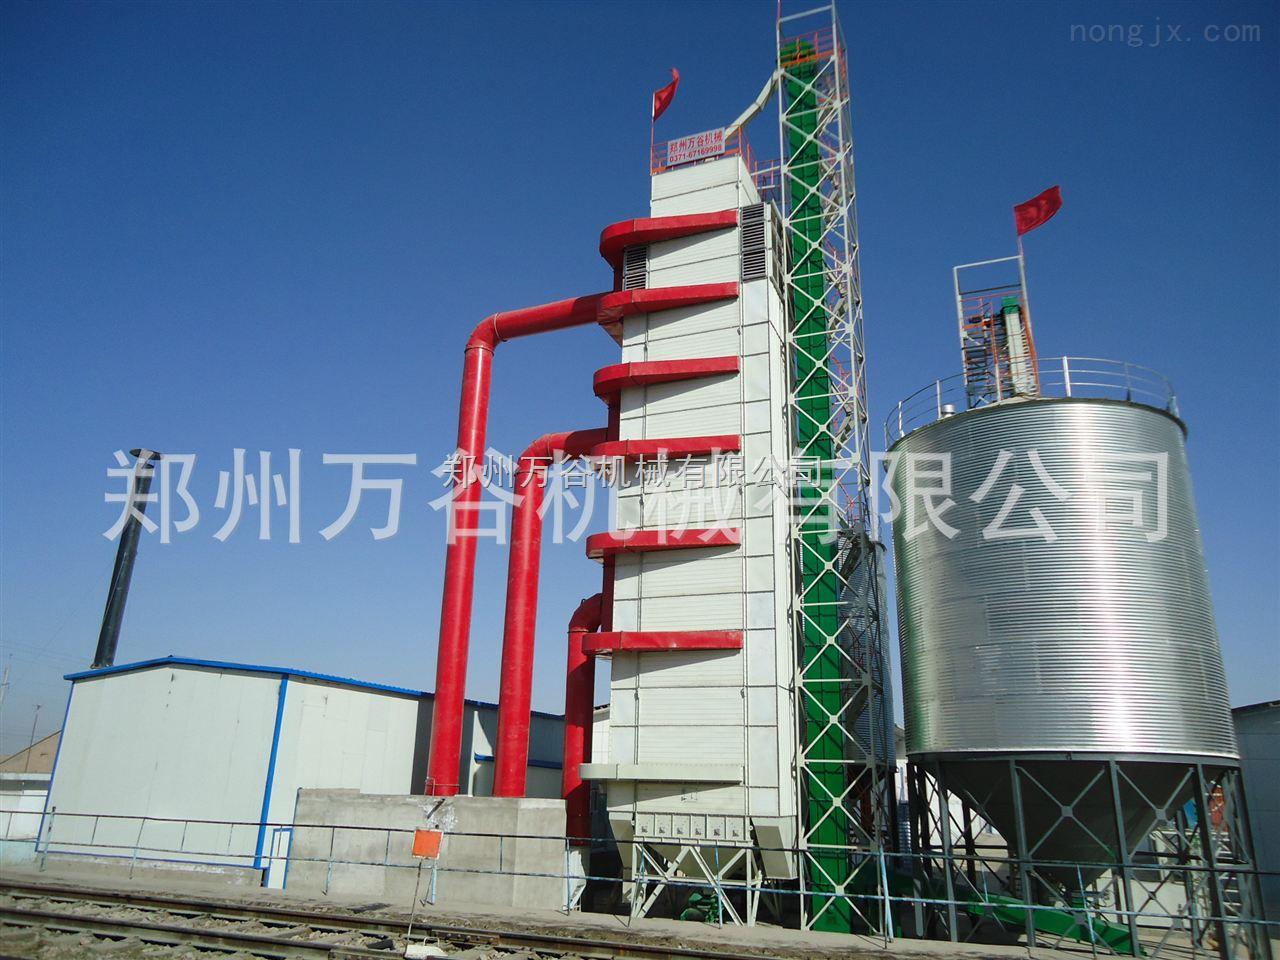 甘肅玉米烘干機  玉米干燥機   河南省工業節能產品